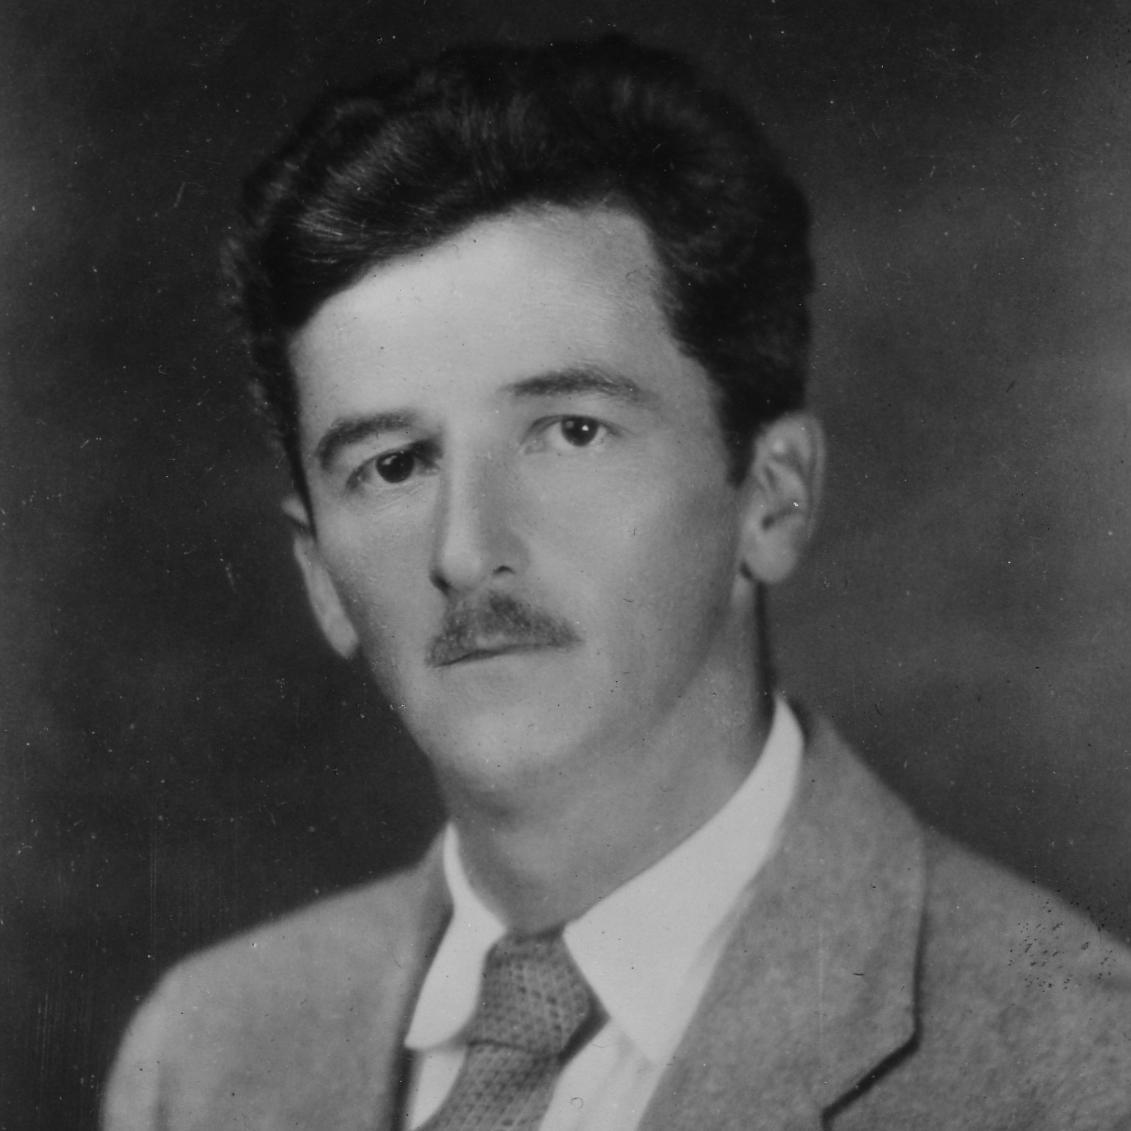 faulkner biografía